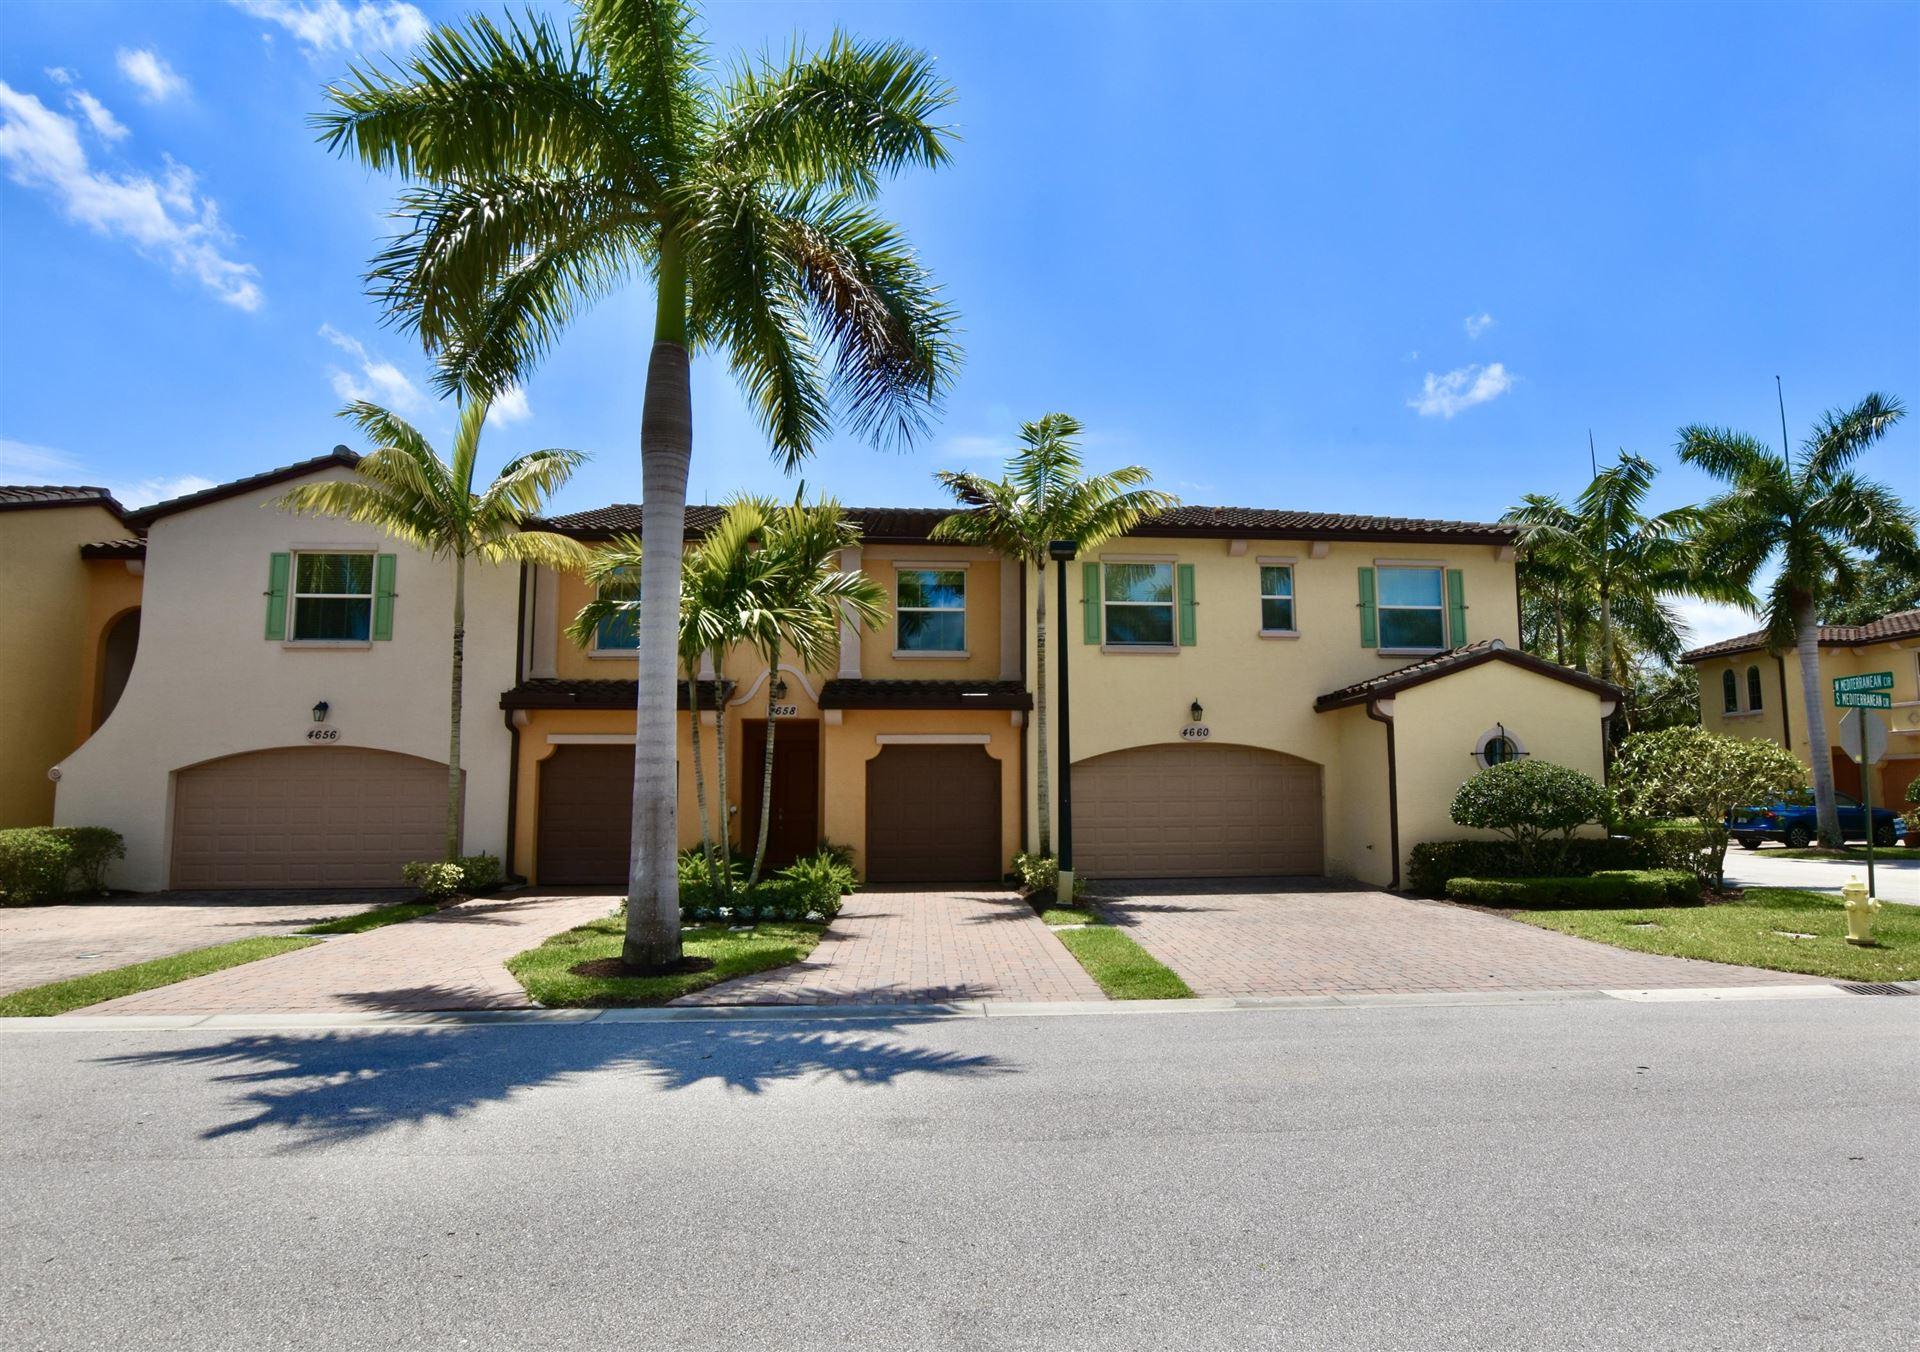 Photo of 4658 Mediterranean Circle, Palm Beach Gardens, FL 33418 (MLS # RX-10709129)